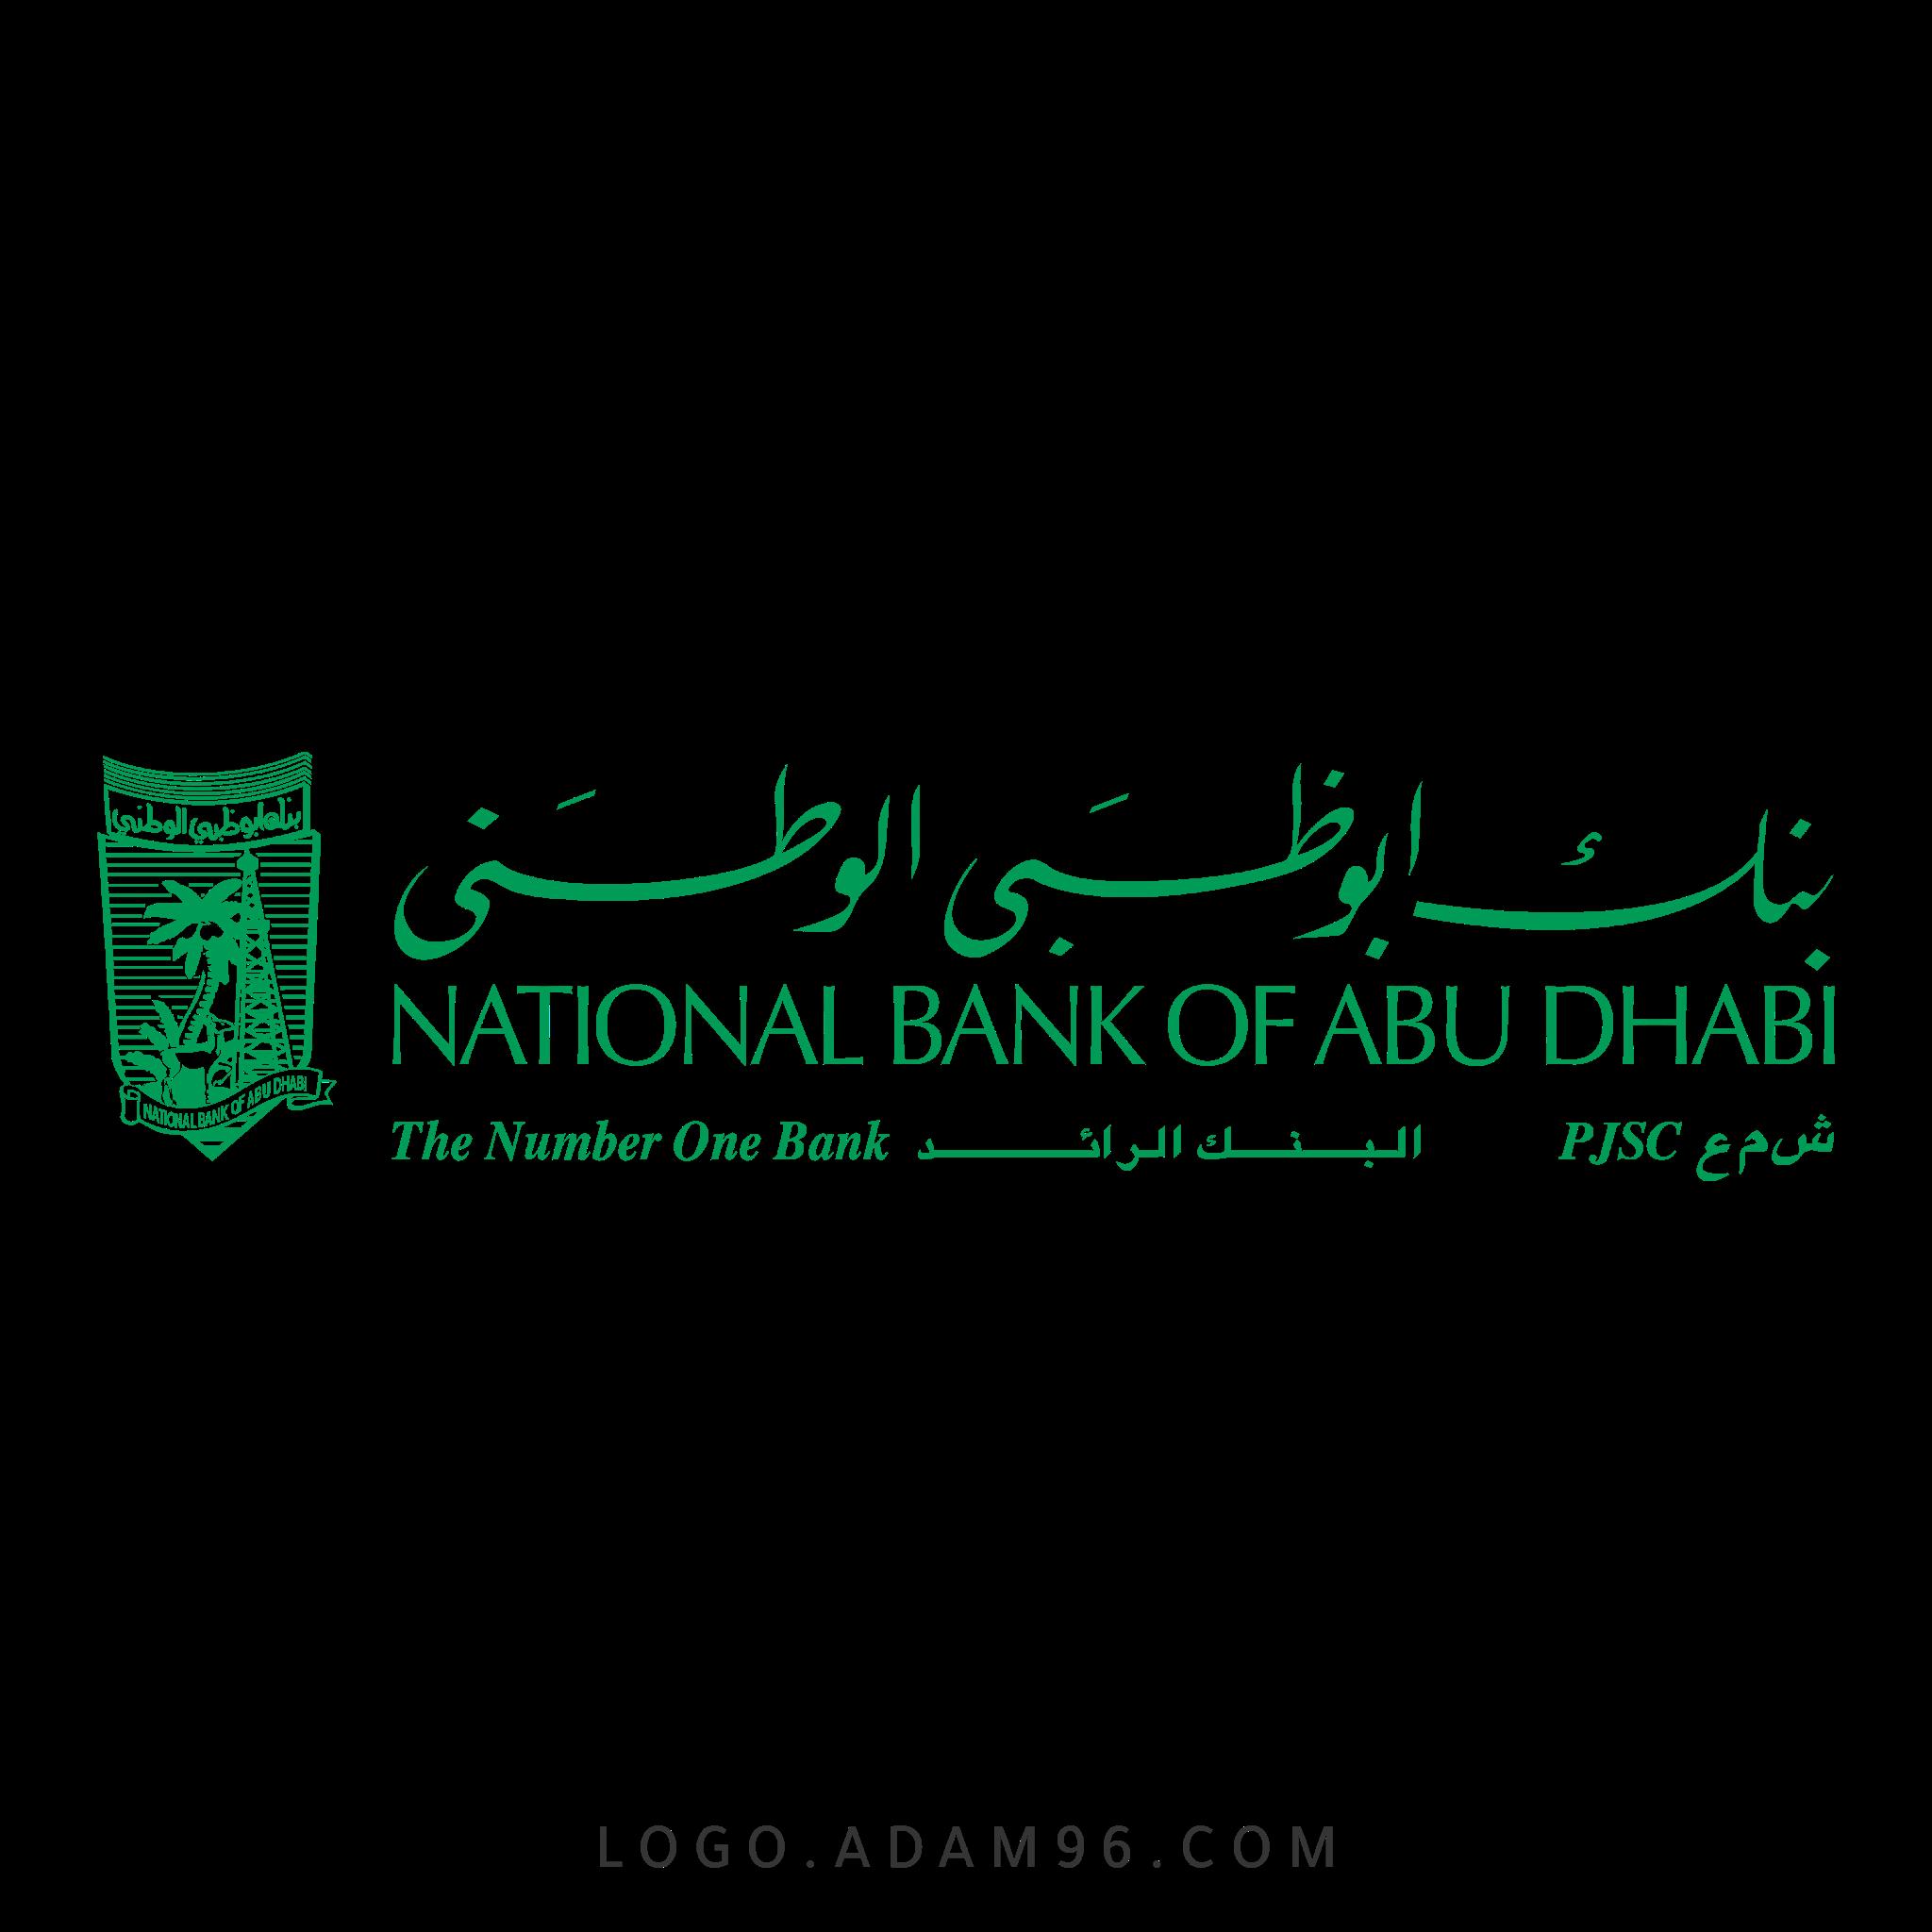 تحميل شعار بنك أبوظبي الوطني لوجو رسمي عالي الجودة PNG